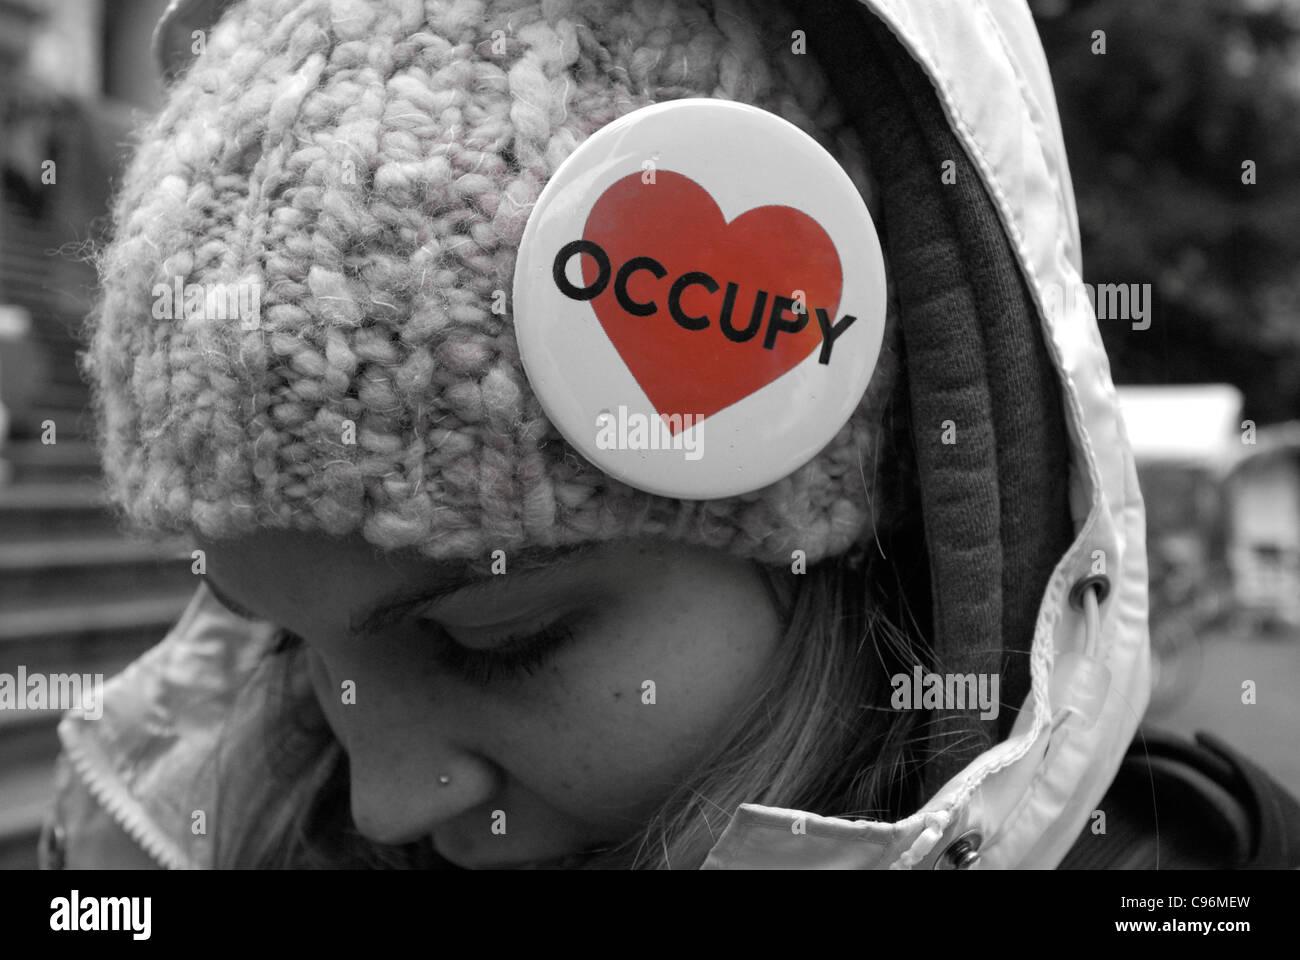 Demonstrant mit Tastendruck besetzen Vancouver an ihre Wolle Toque angeheftet. Stockfoto